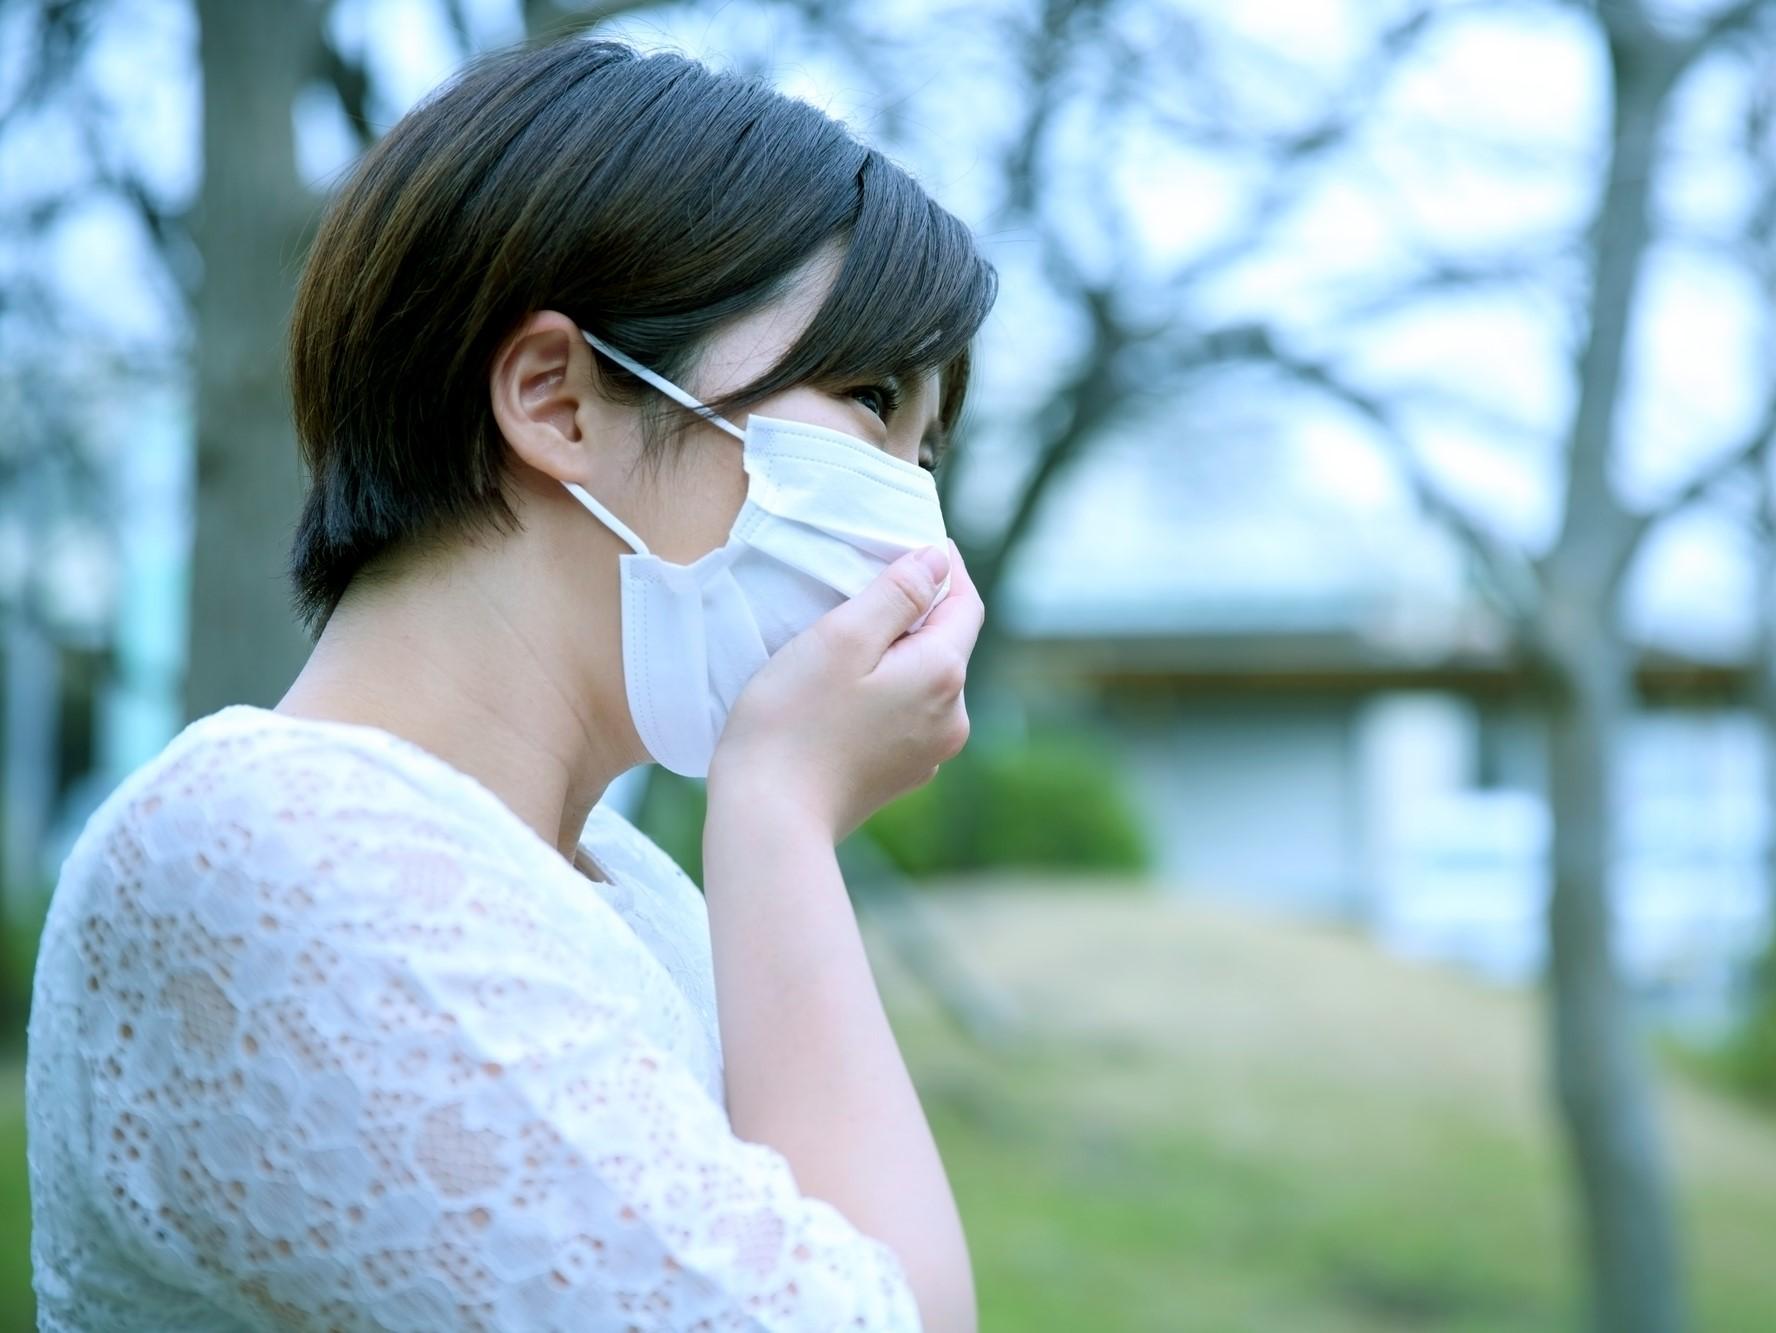 マスク不足を解消する!快適使用アイデア